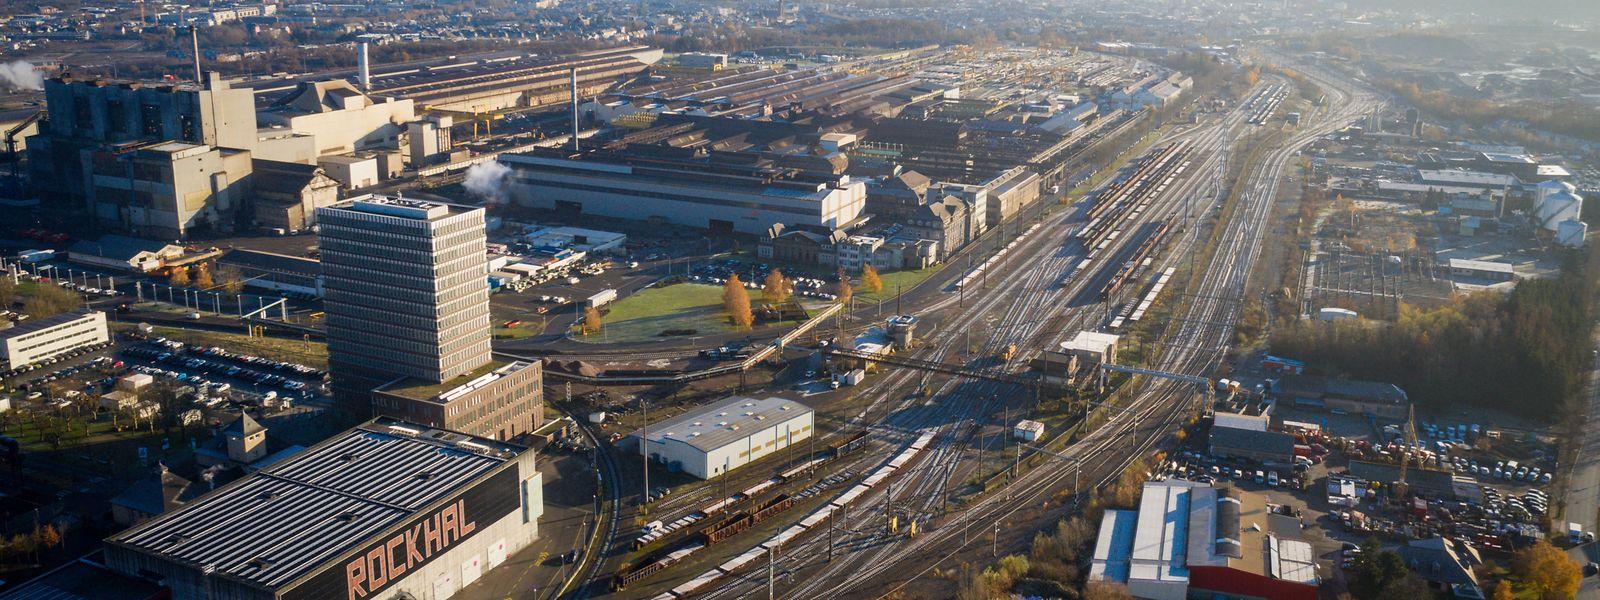 Der Ausgangspunkt des neuen Radweges wird sich in Nähe der Rockhal befinden und, über Stahlwerksgelände, bis zum Autohaus Losch führen.